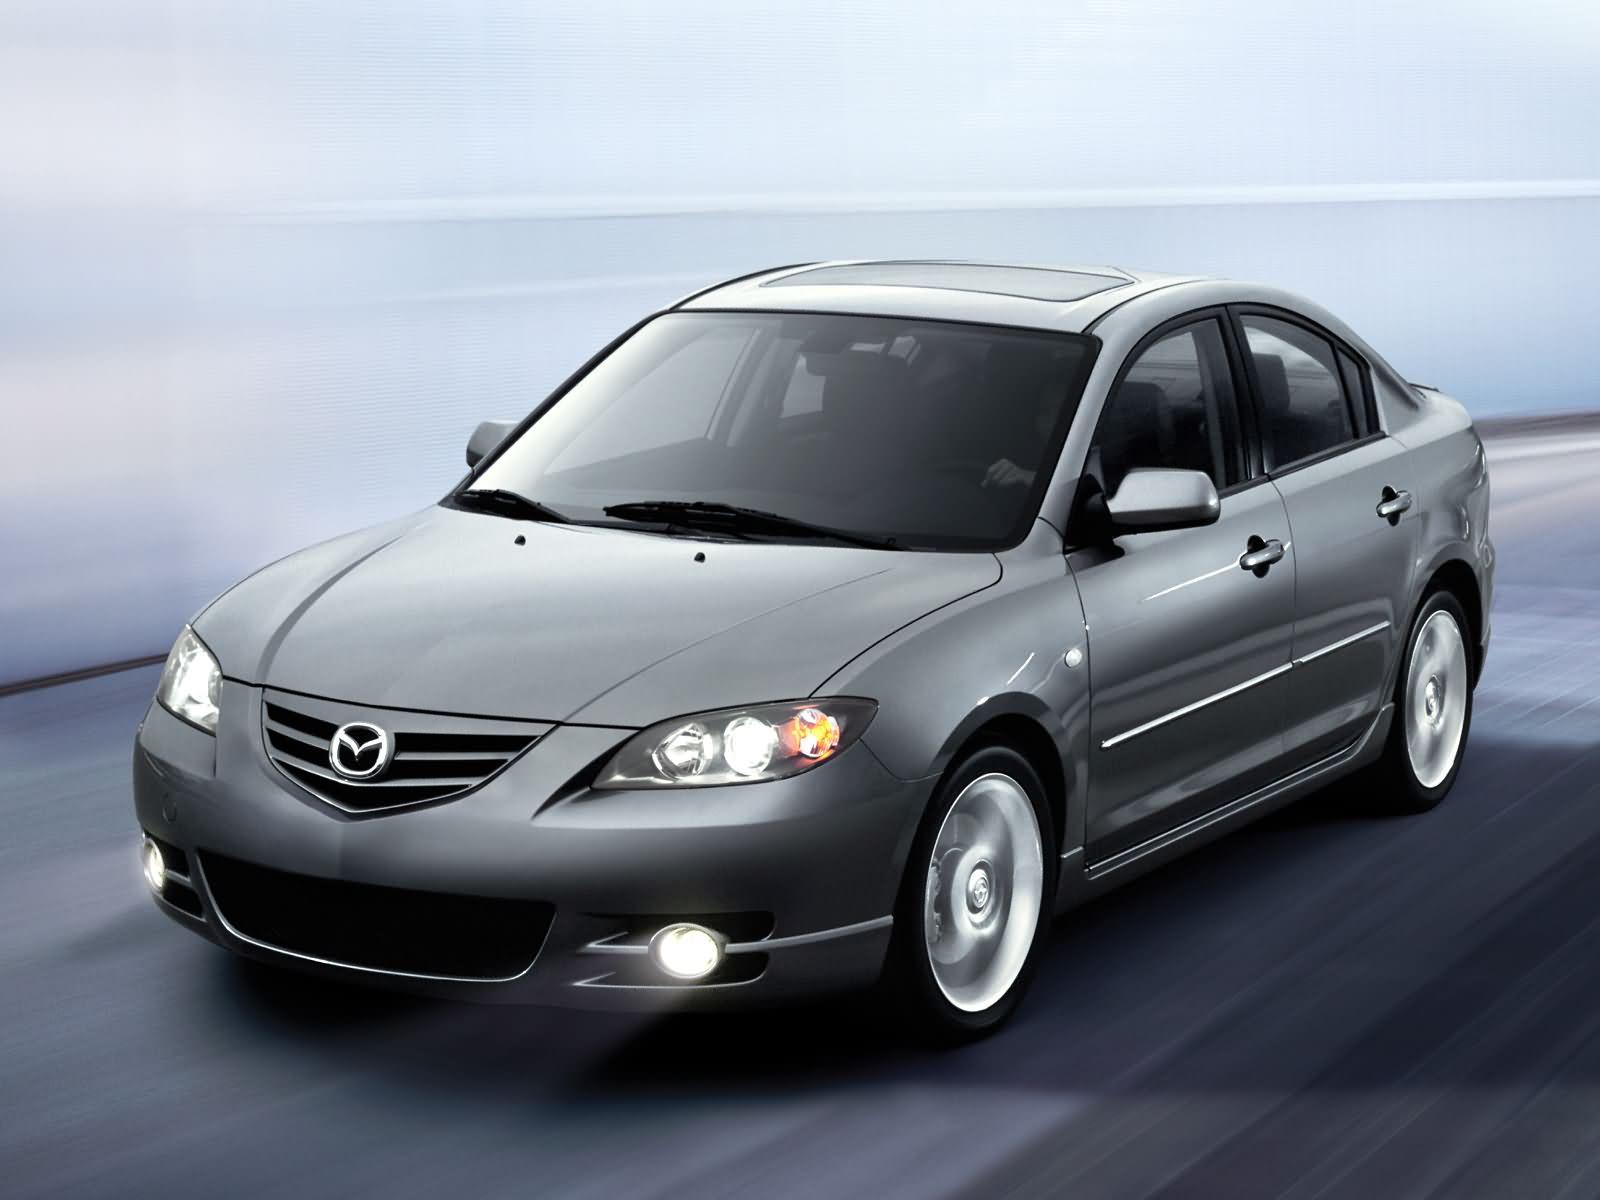 World Car Wallpapers Mazda 3